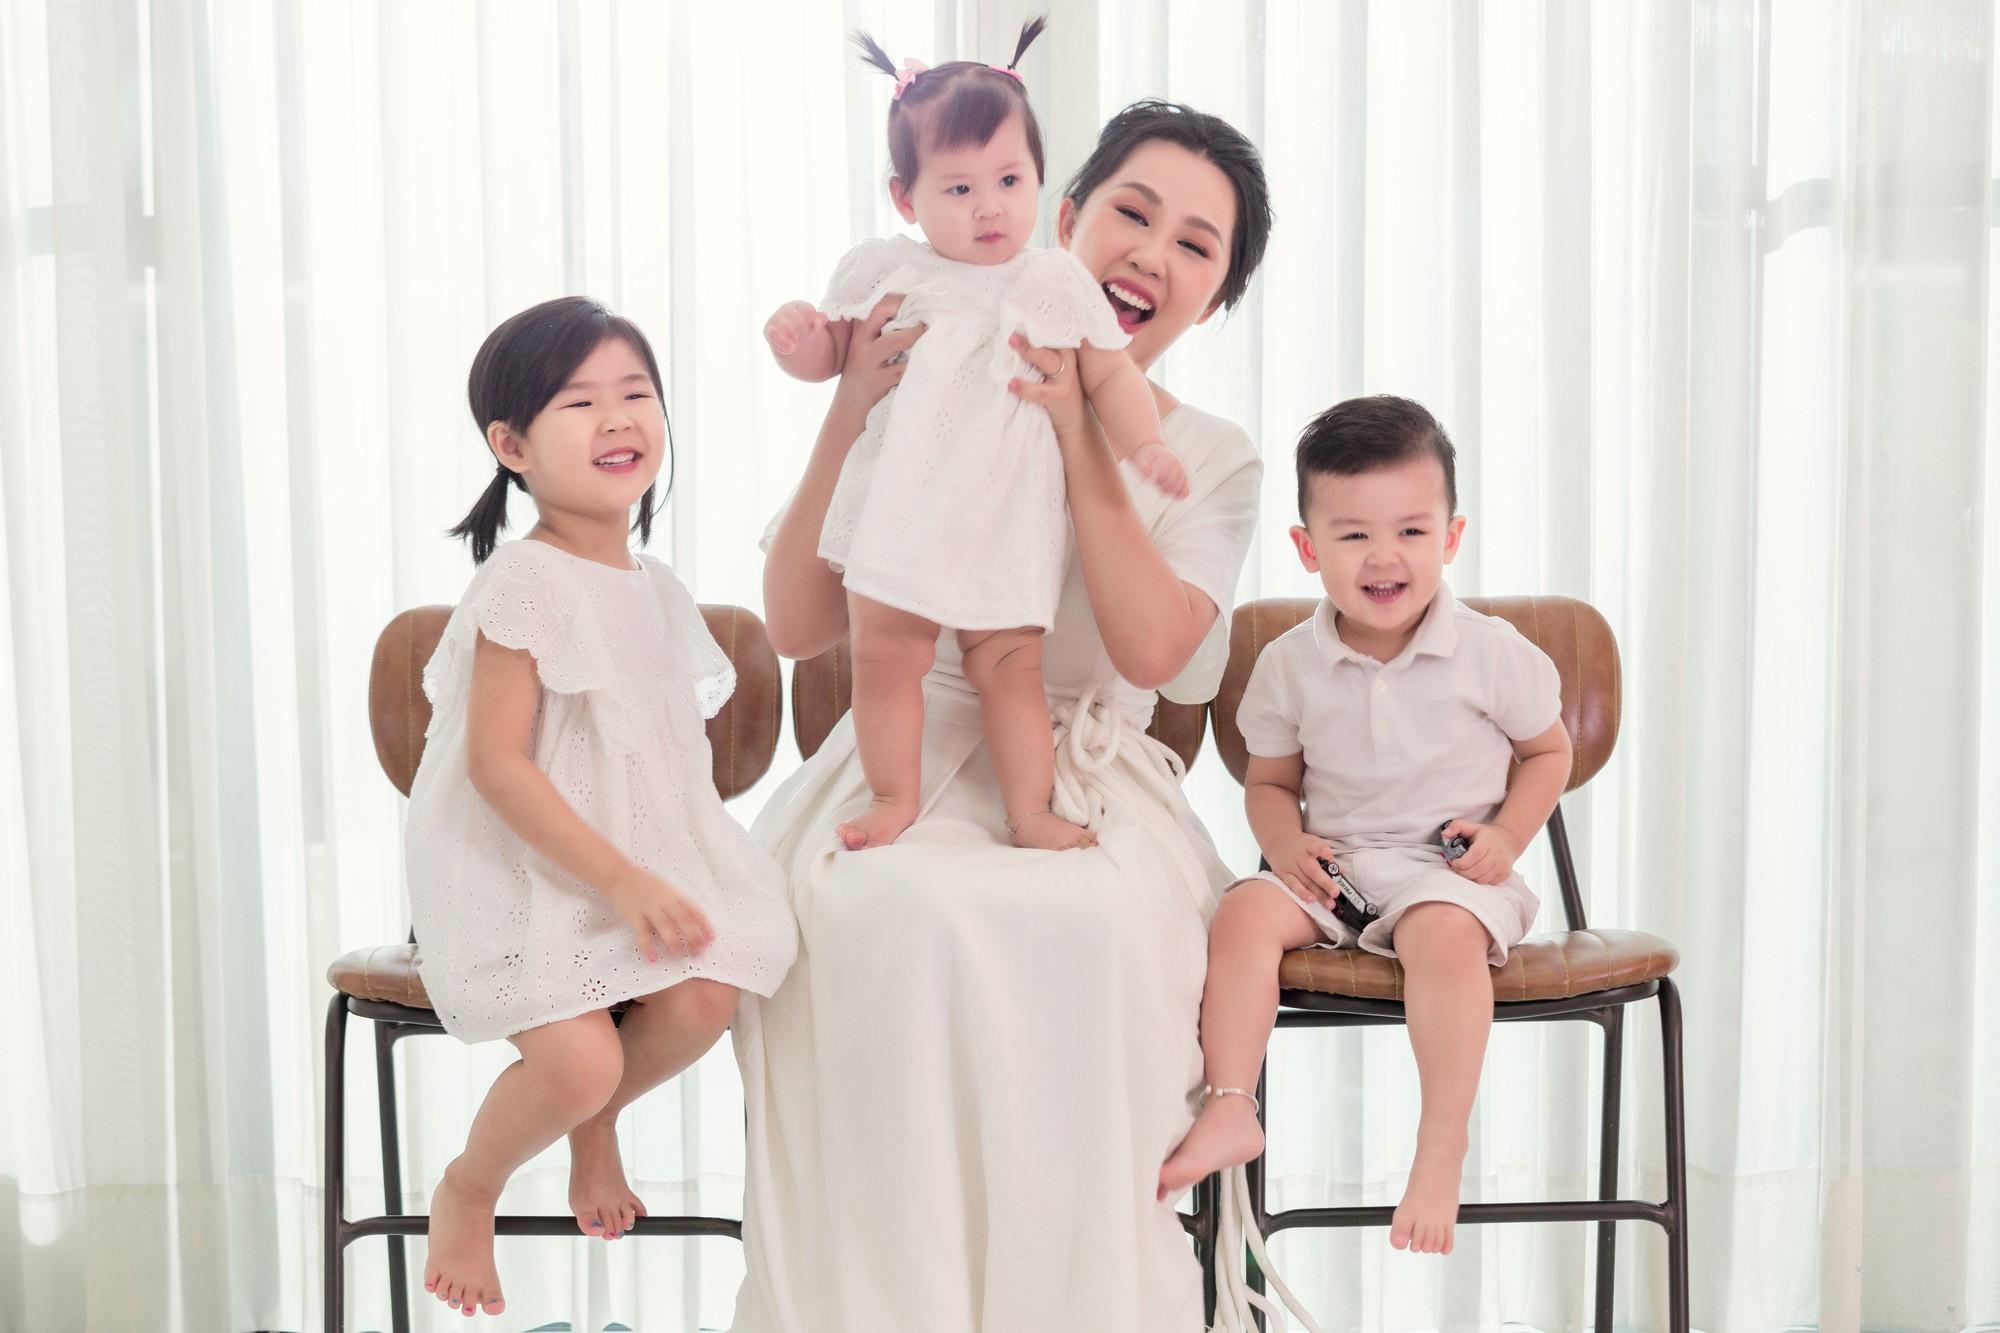 Gào khoe bộ ảnh cưới siêu hạnh phúc cùng chồng và 3 em bé - Ảnh 10.